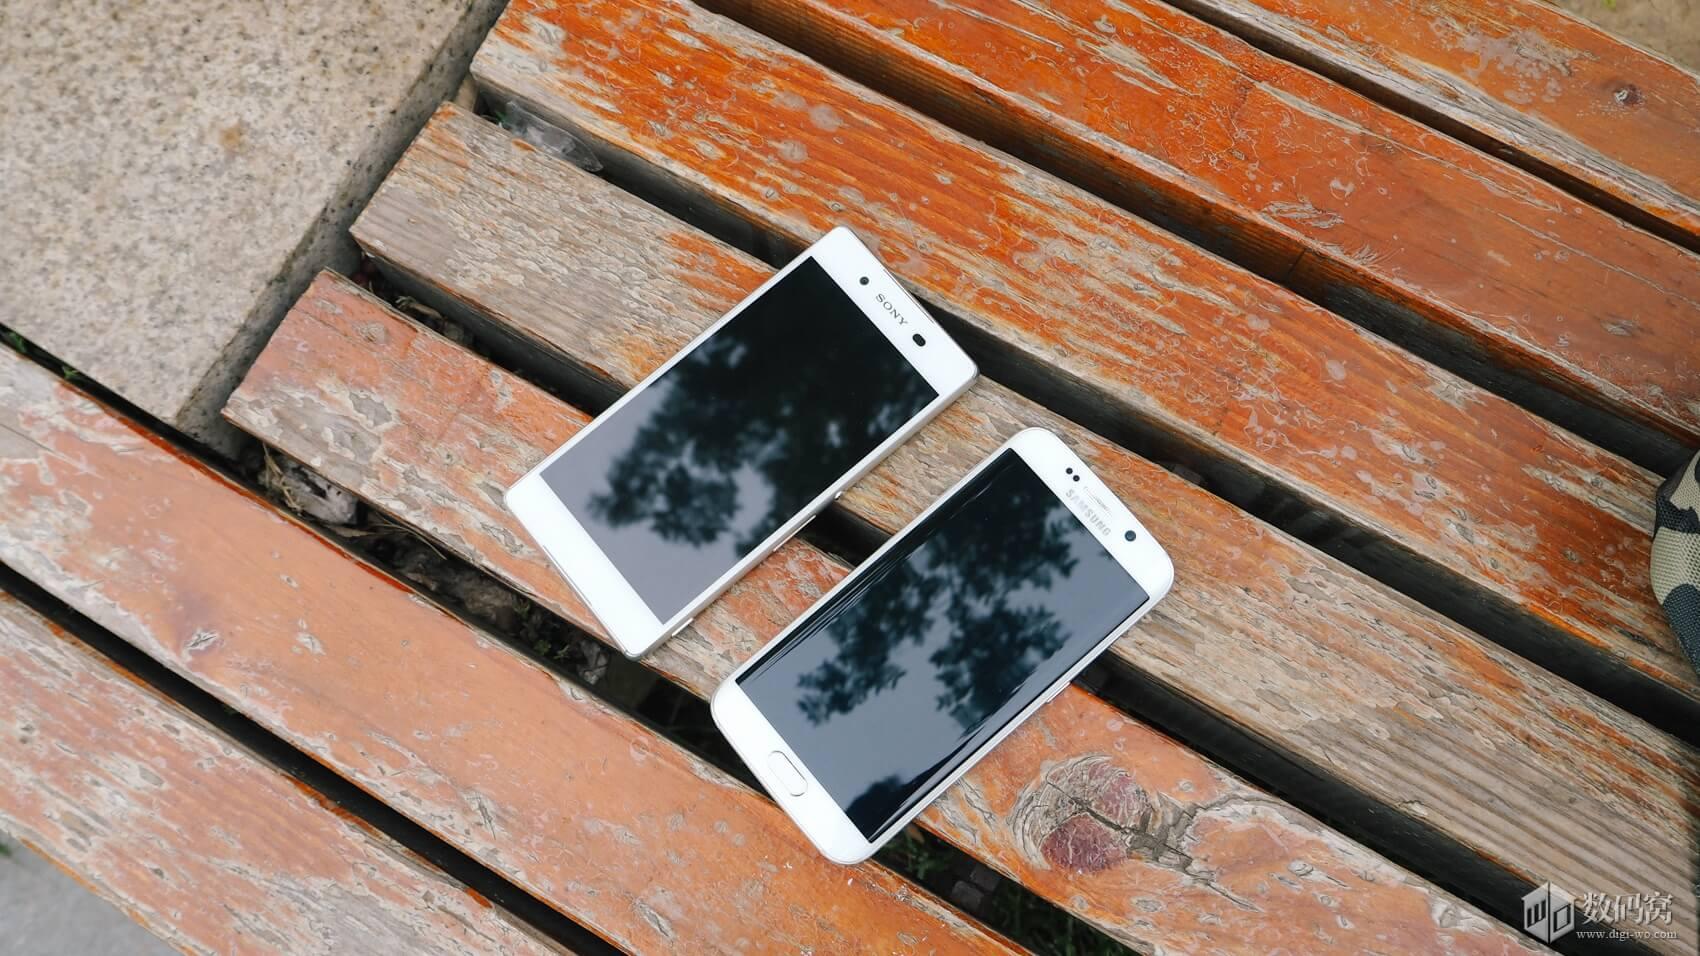 Xperia Z3+ vs Galaxy S6 Edge design comparison